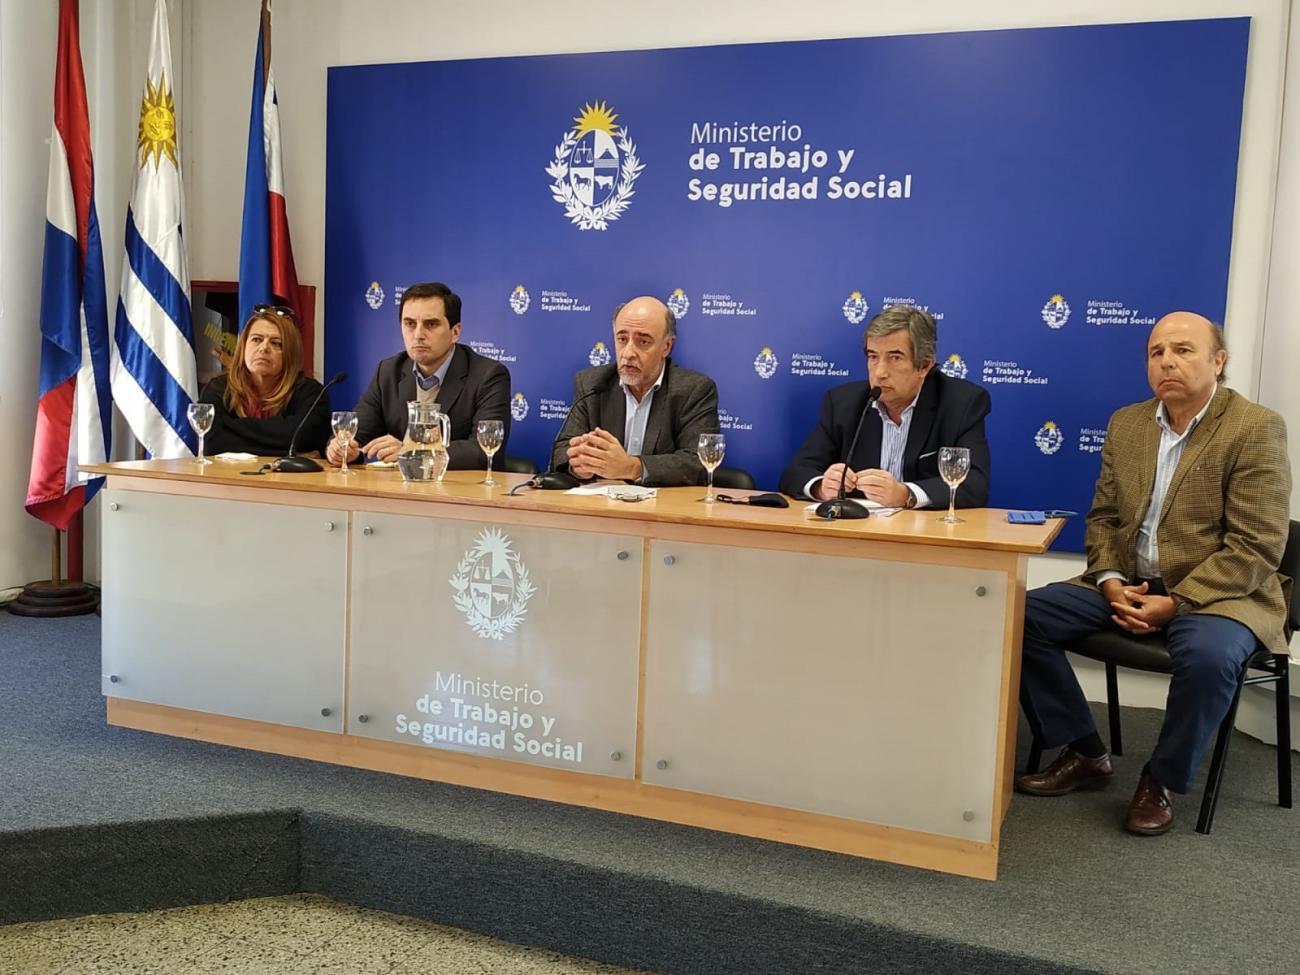 Conferencia de prensa del ministro de Trabajo y Seguridad Social Pablo Mieres